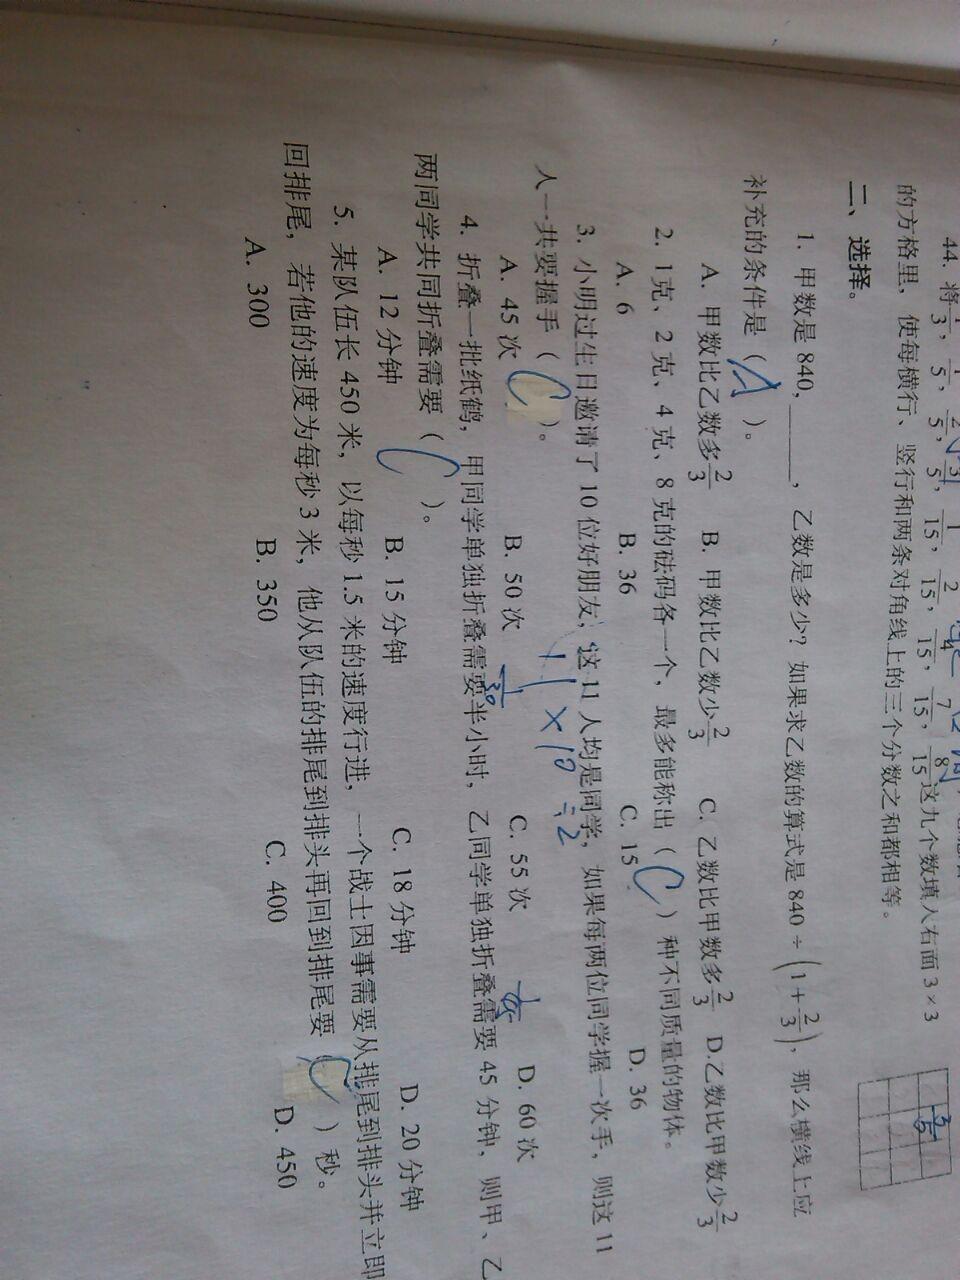 六年级数学题,六年级数学练习题,小学六年级数学题高清图片